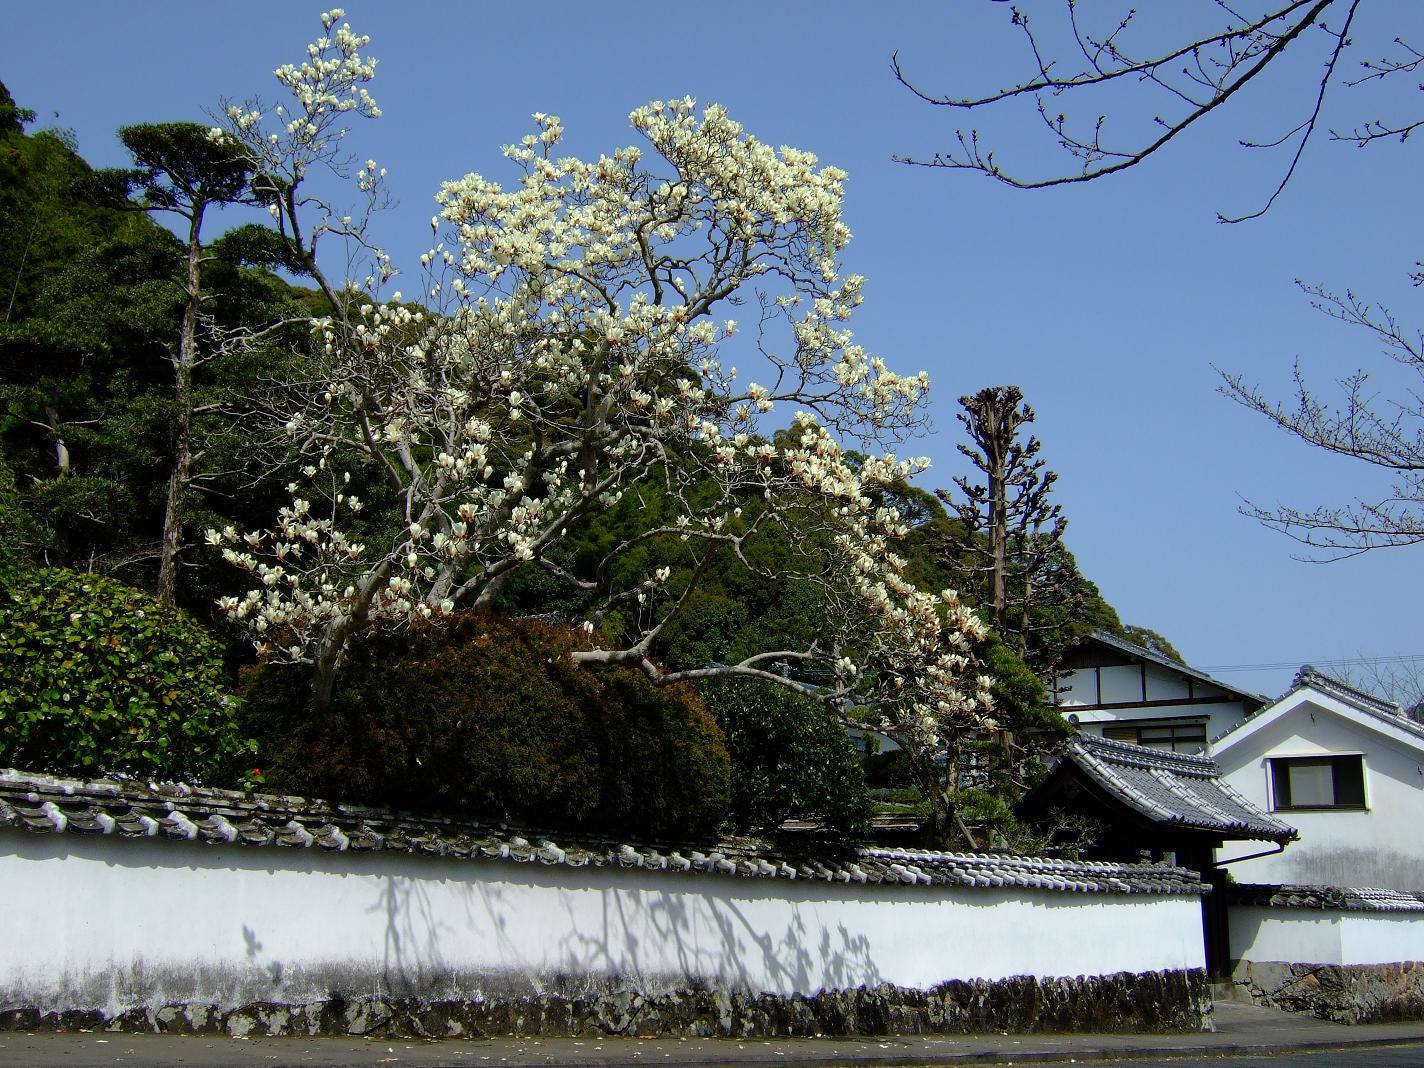 春 2009 Vol.1_c0038334_2138183.jpg